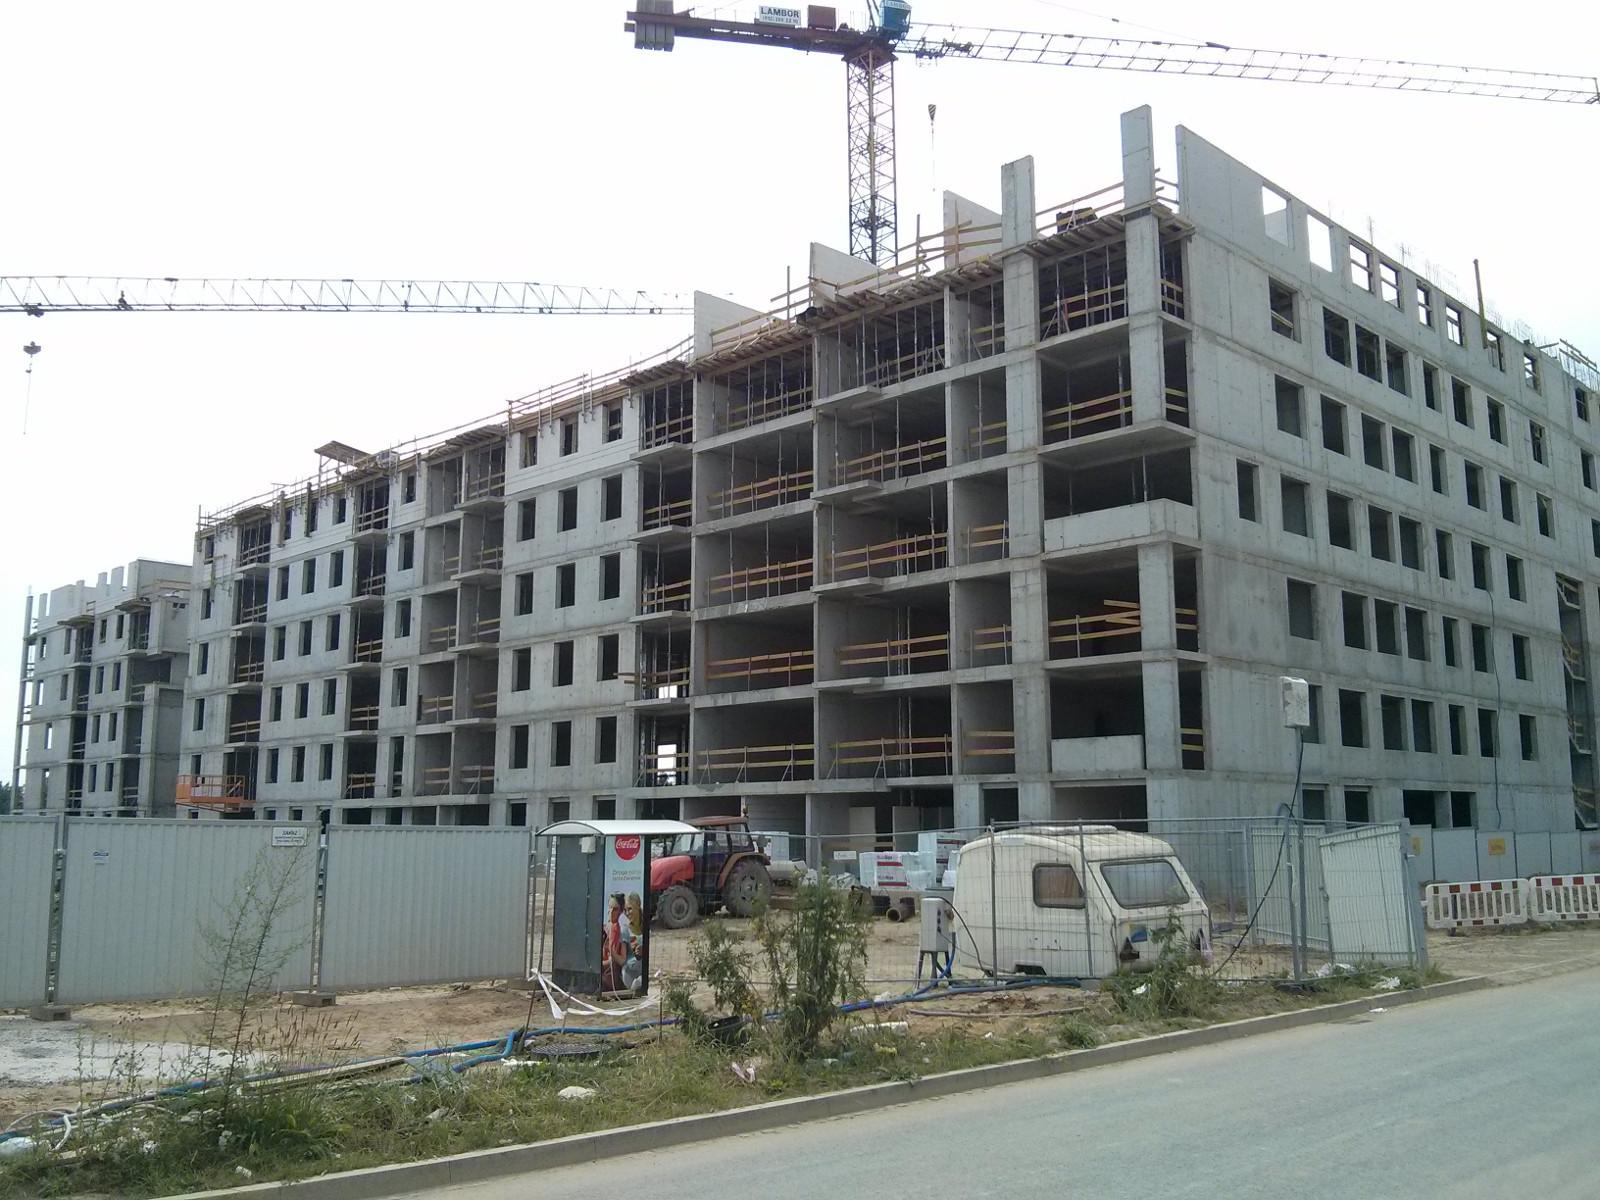 Budowa mieszkań na Orlińskiego 6 w Krakowie przez Budimex